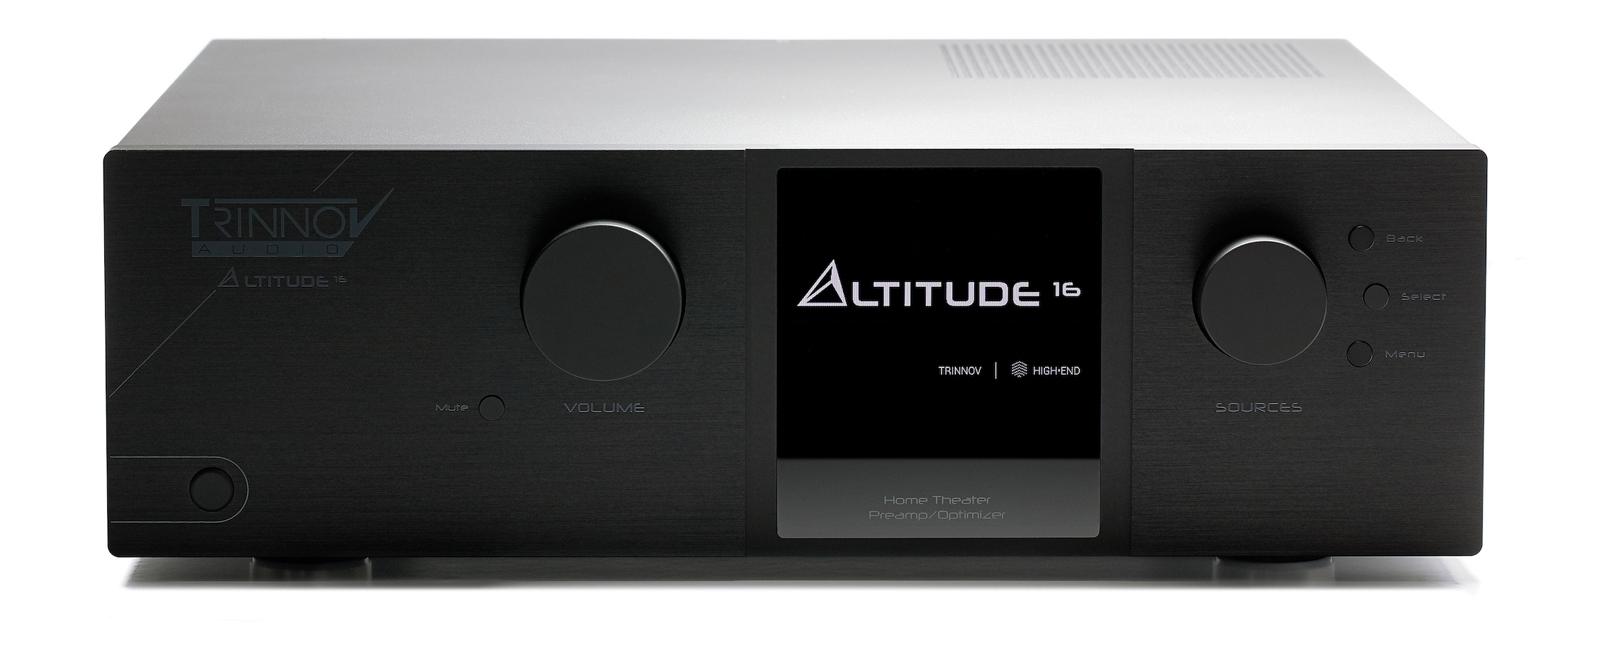 Trinnov Audio Altitude16 Review